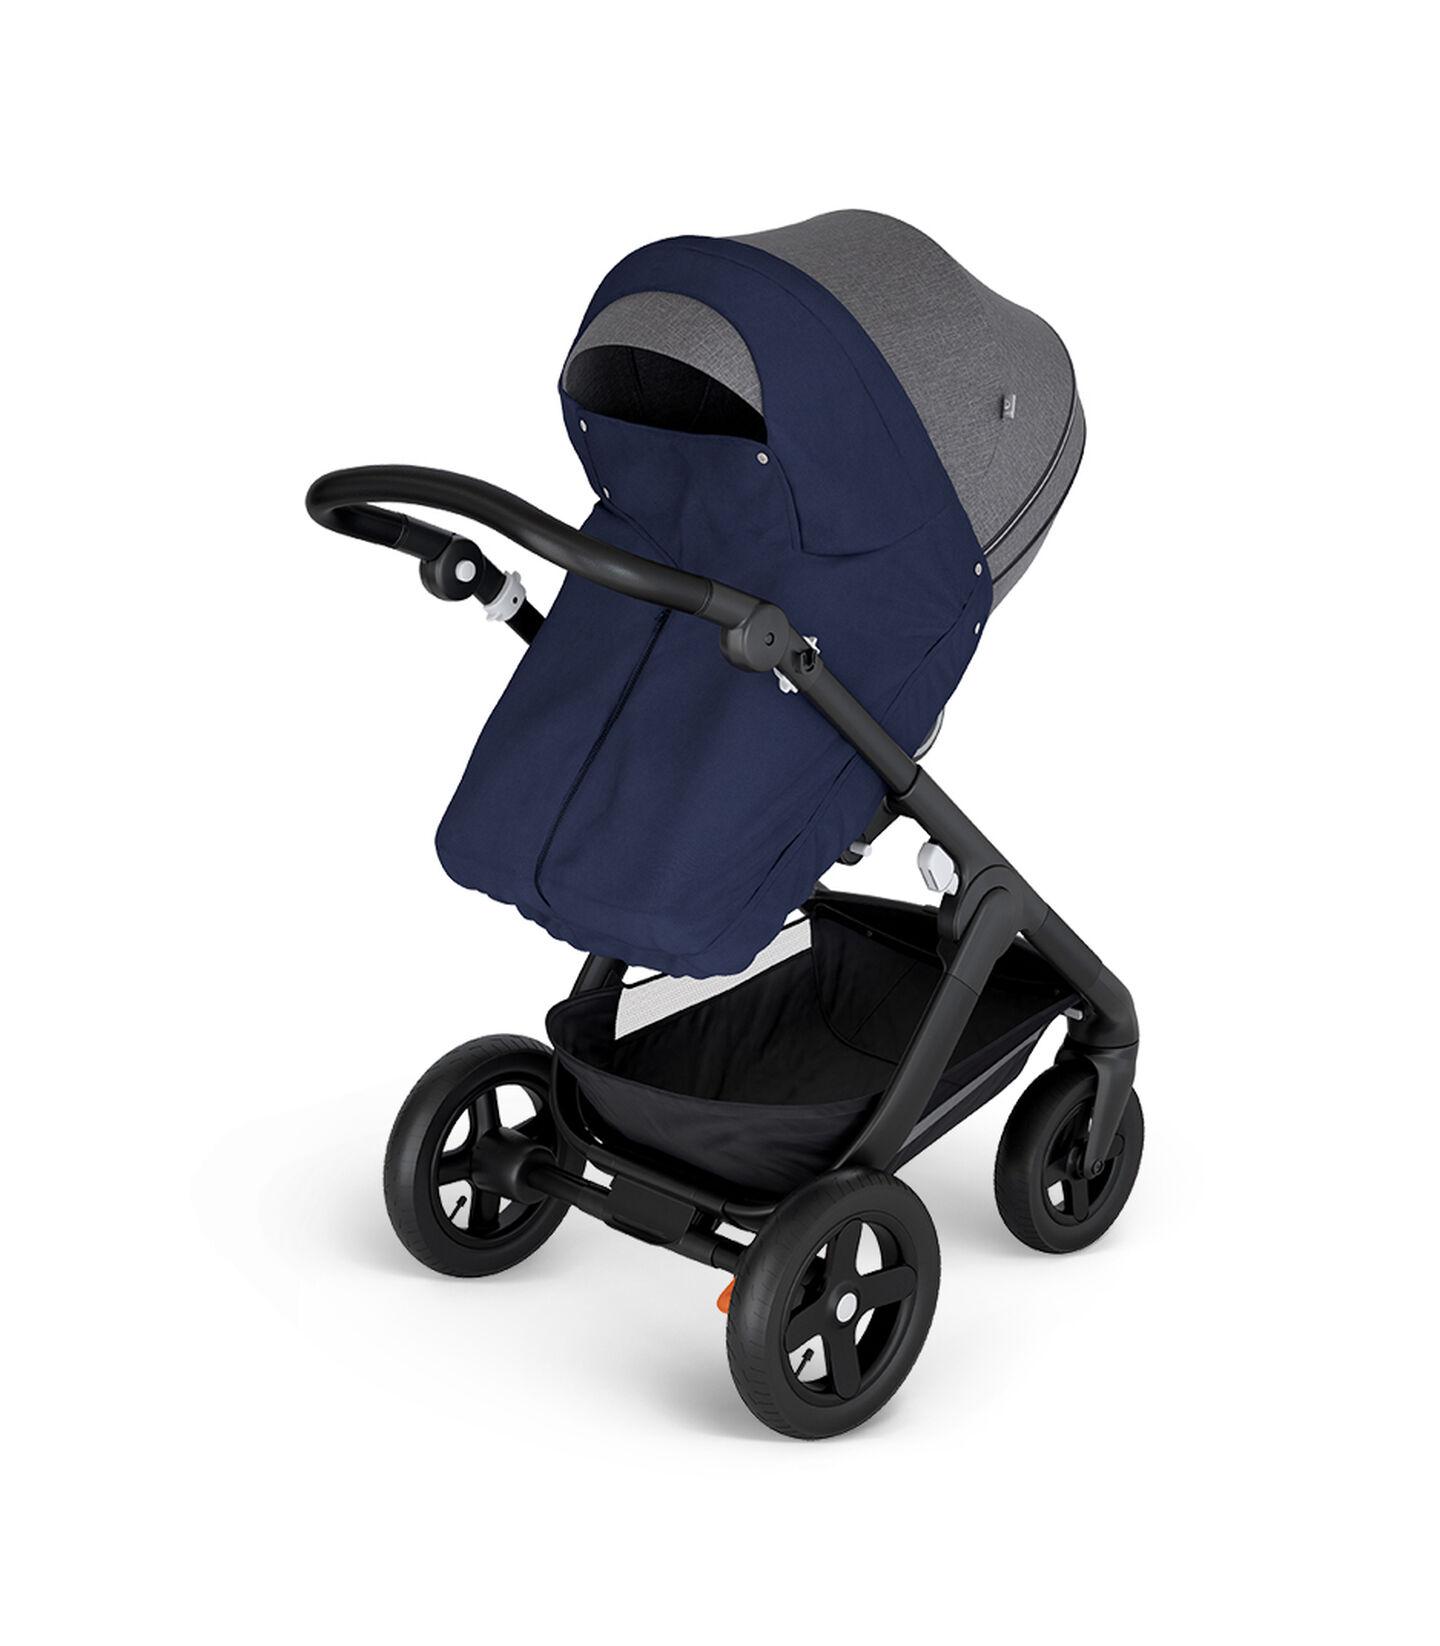 Stokke® Trailz™ with Black Chassis and Stokke® Stroller Seat Black Melange. Stokke® Stroller Storm Cover, Deep Blue.